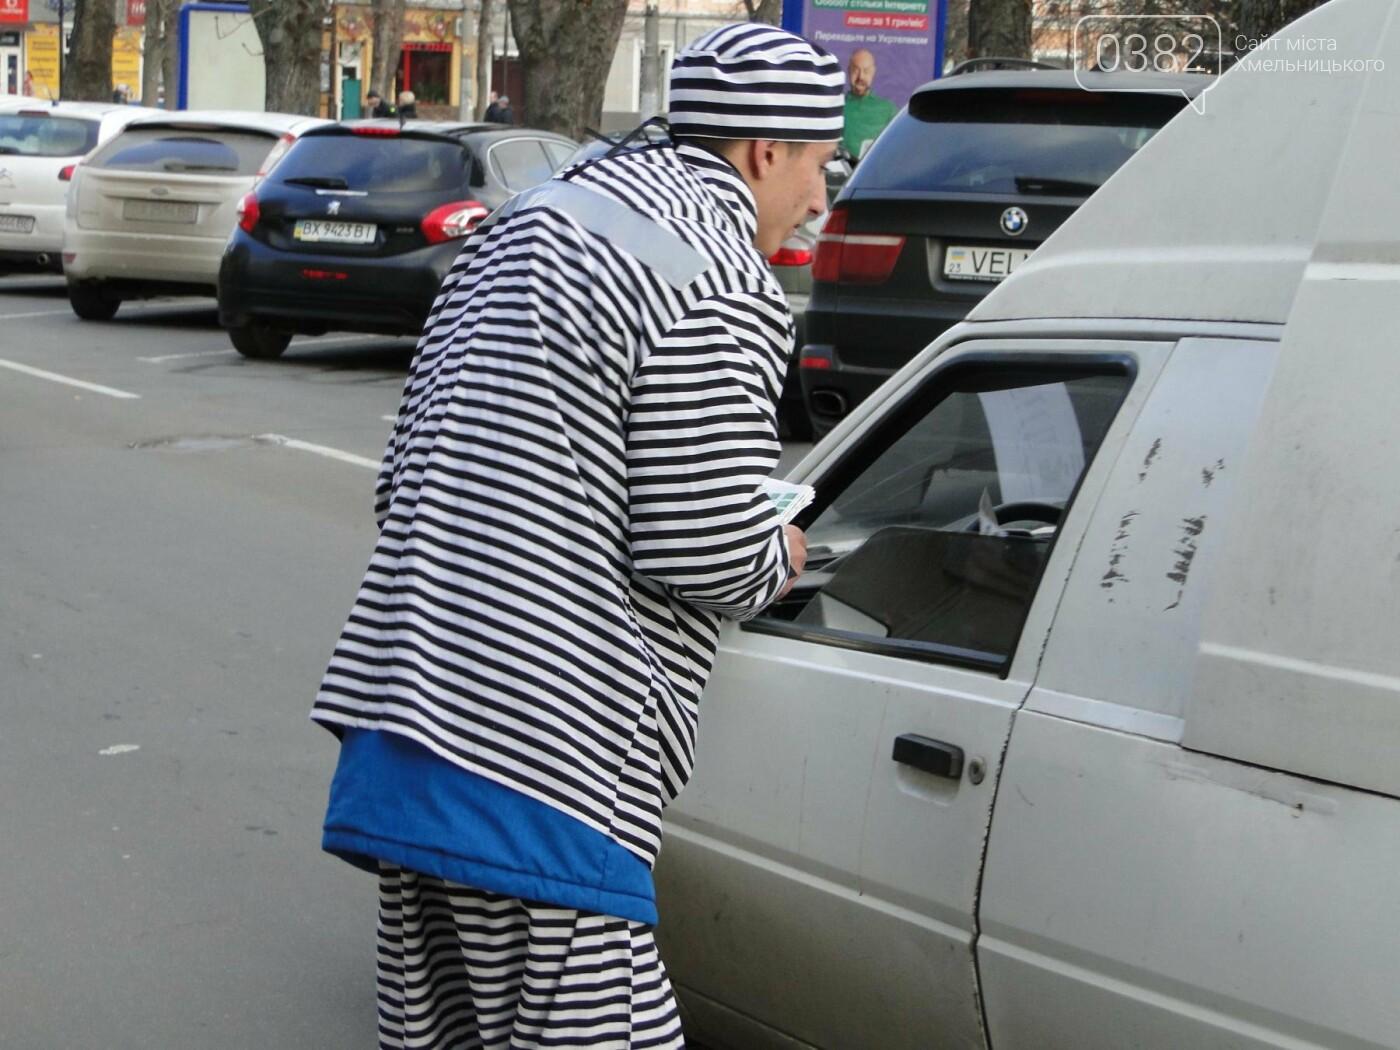 Все задля безпеки на дорозі: як «в'язень» у Хмельницькому водіїв попереджав (Фото, Відео), фото-3